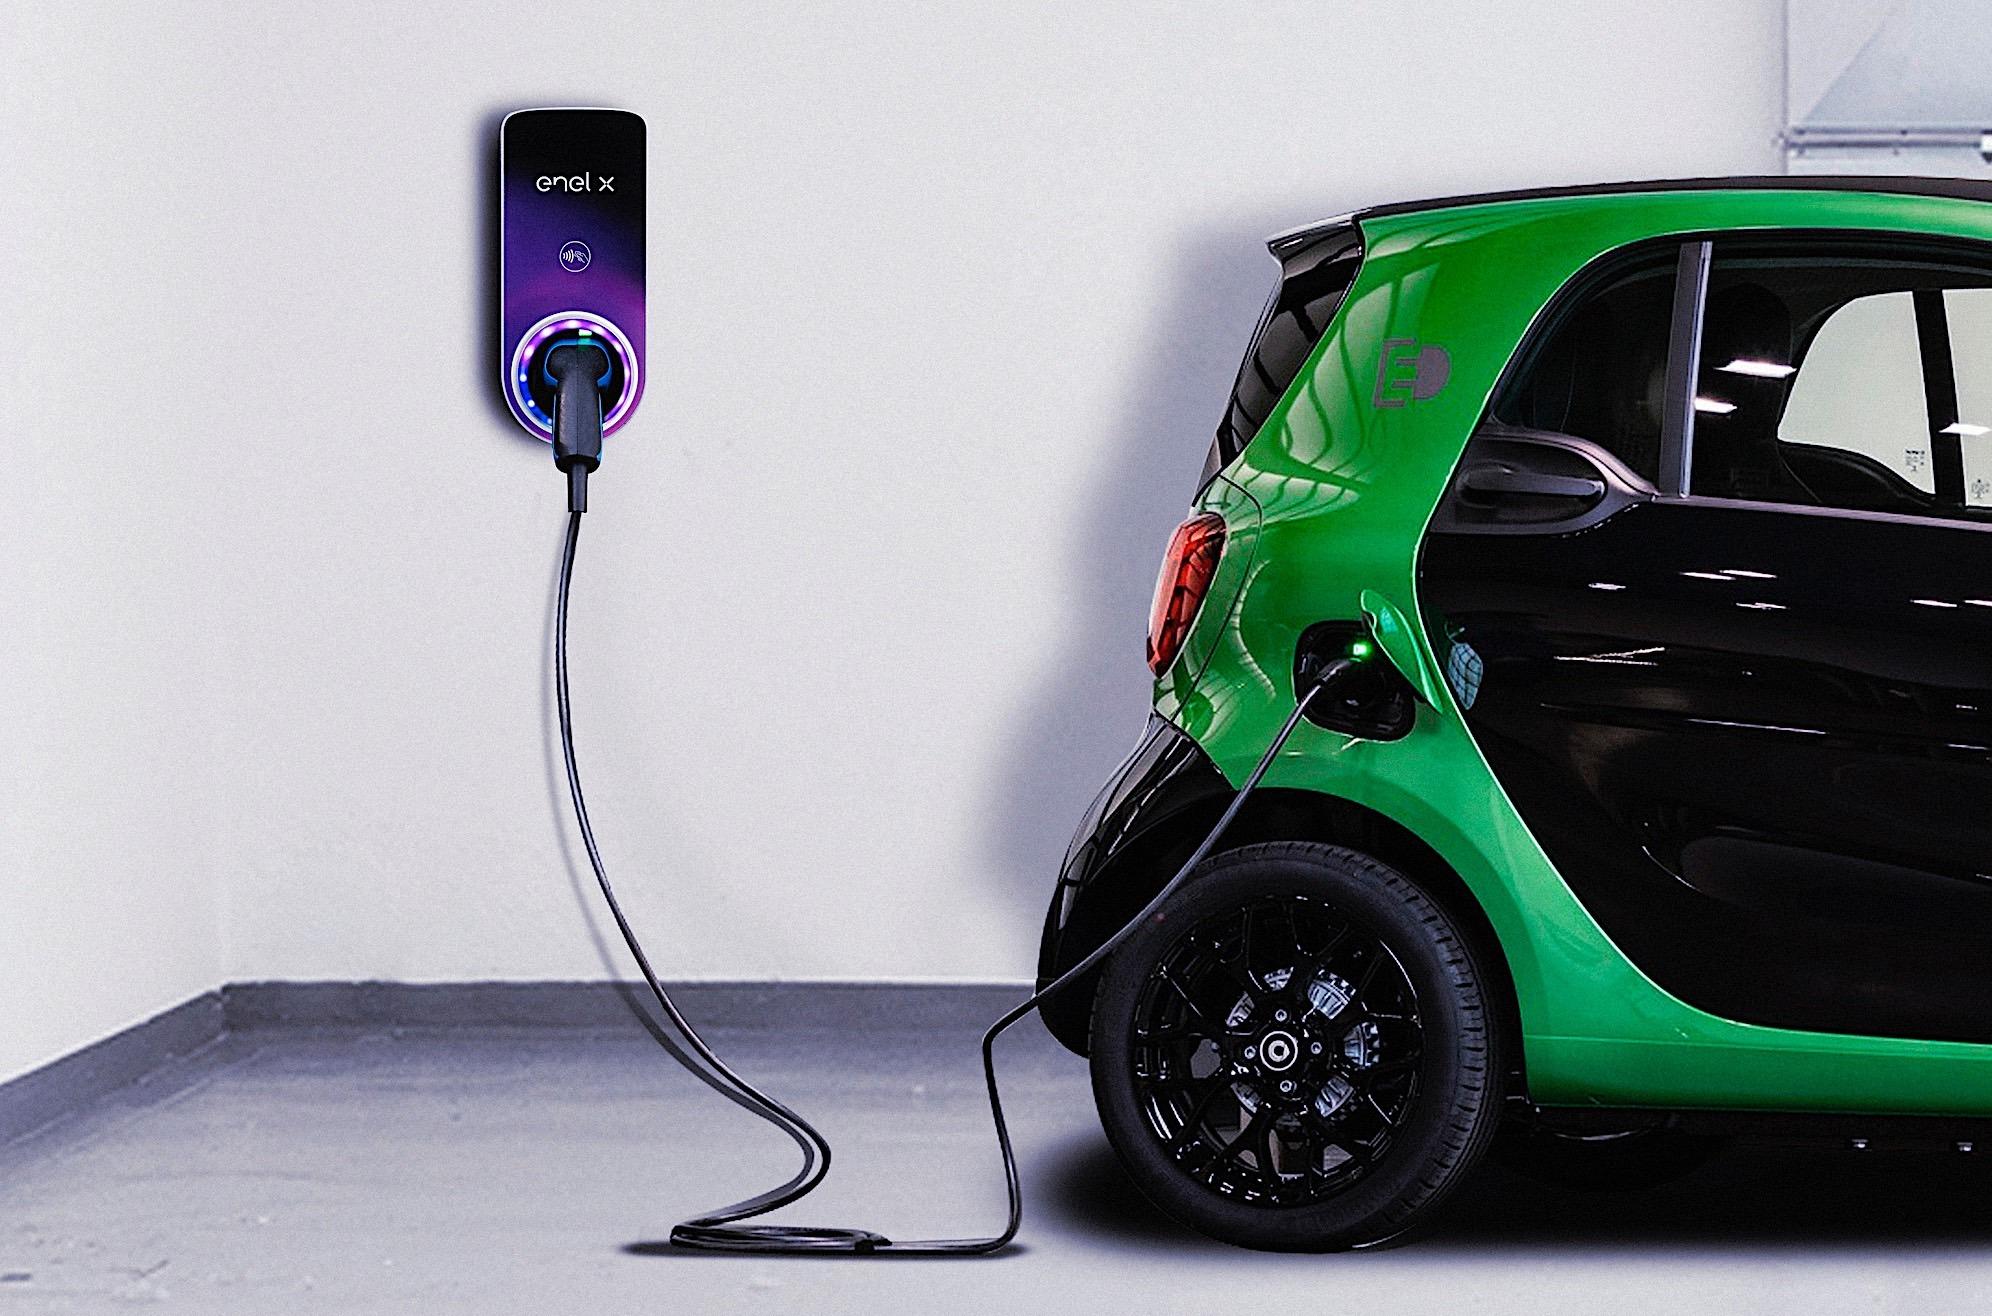 Punto de recarga de coche eléctrico JuiceBox de Enel X.